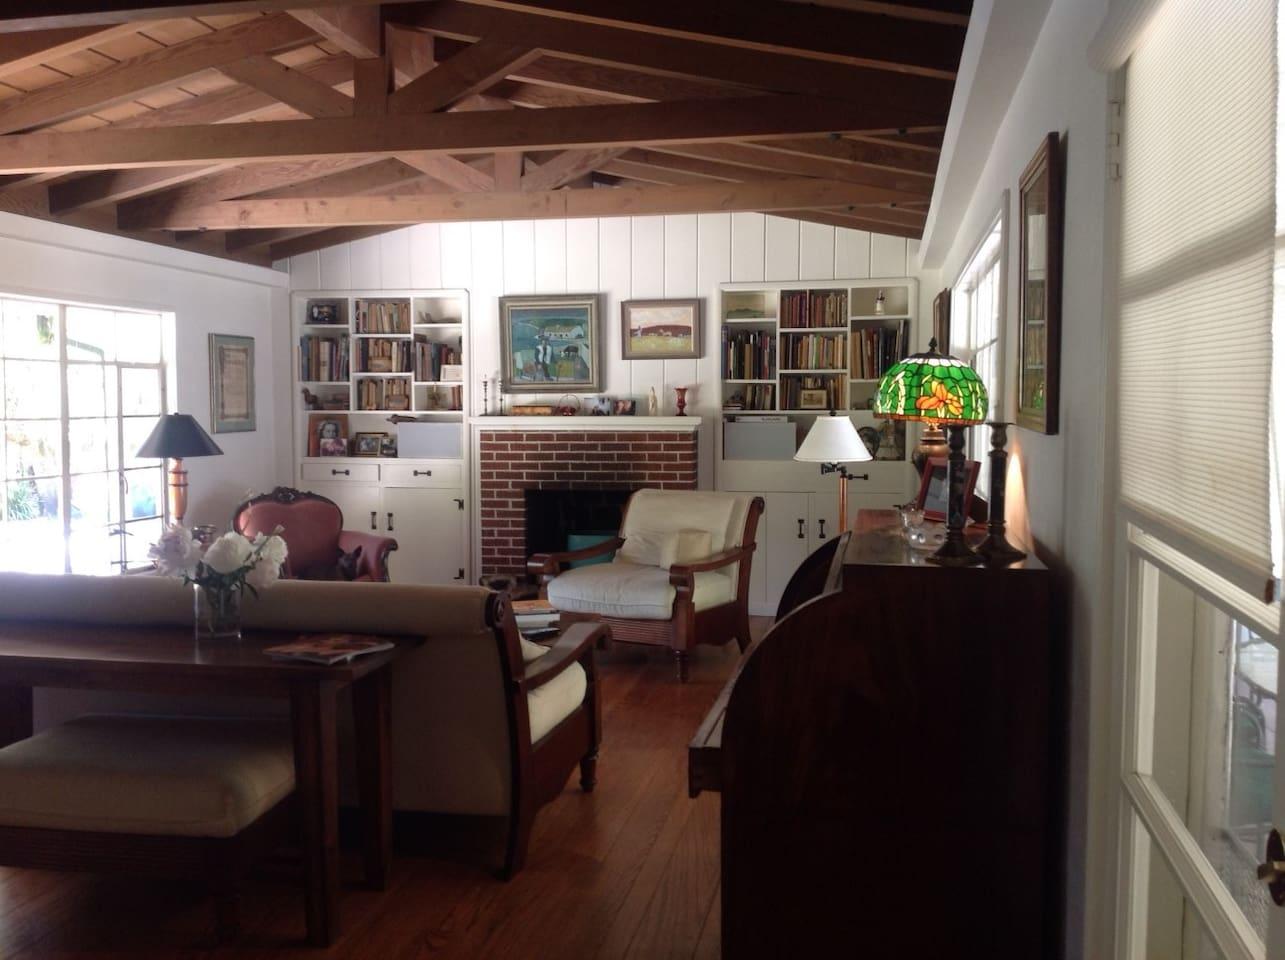 Living room: California ranch style circa 1948